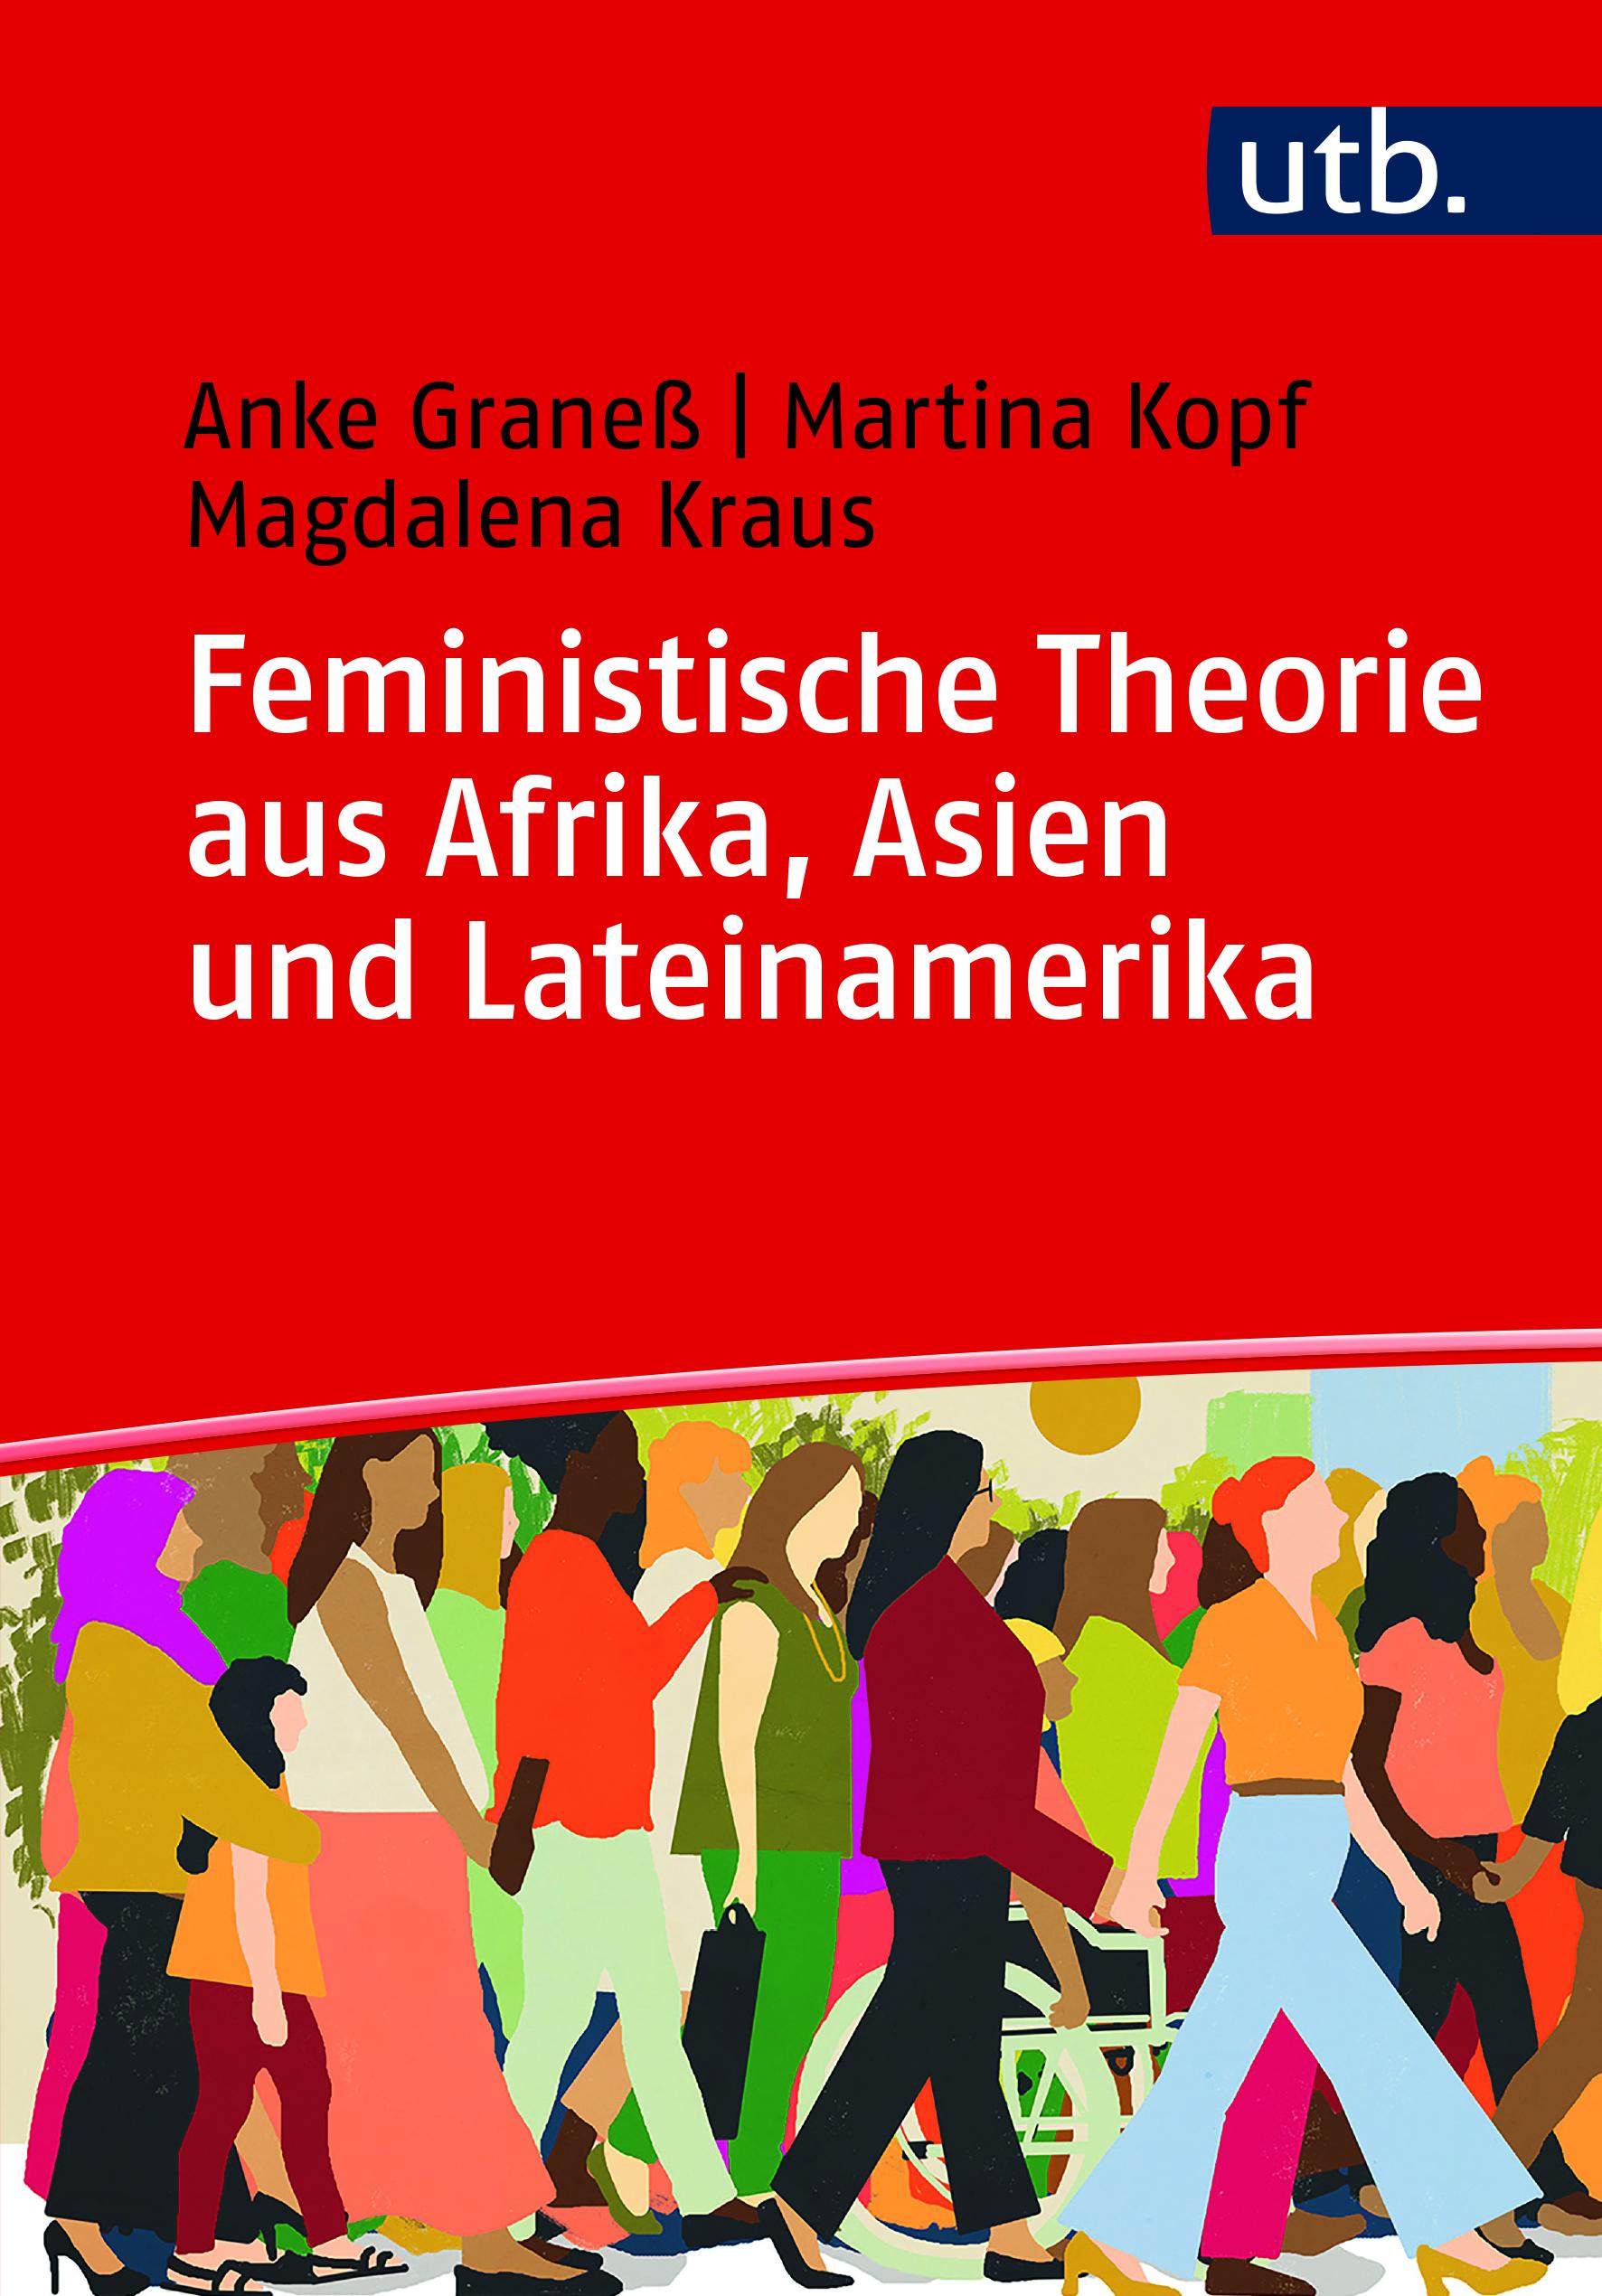 """Buchcover """"Feministische Theorie aus Afrika, Asien und Lateinamerika""""; roter Hintergrund und bunte Zeichnung mit verschiedenen Körpern"""